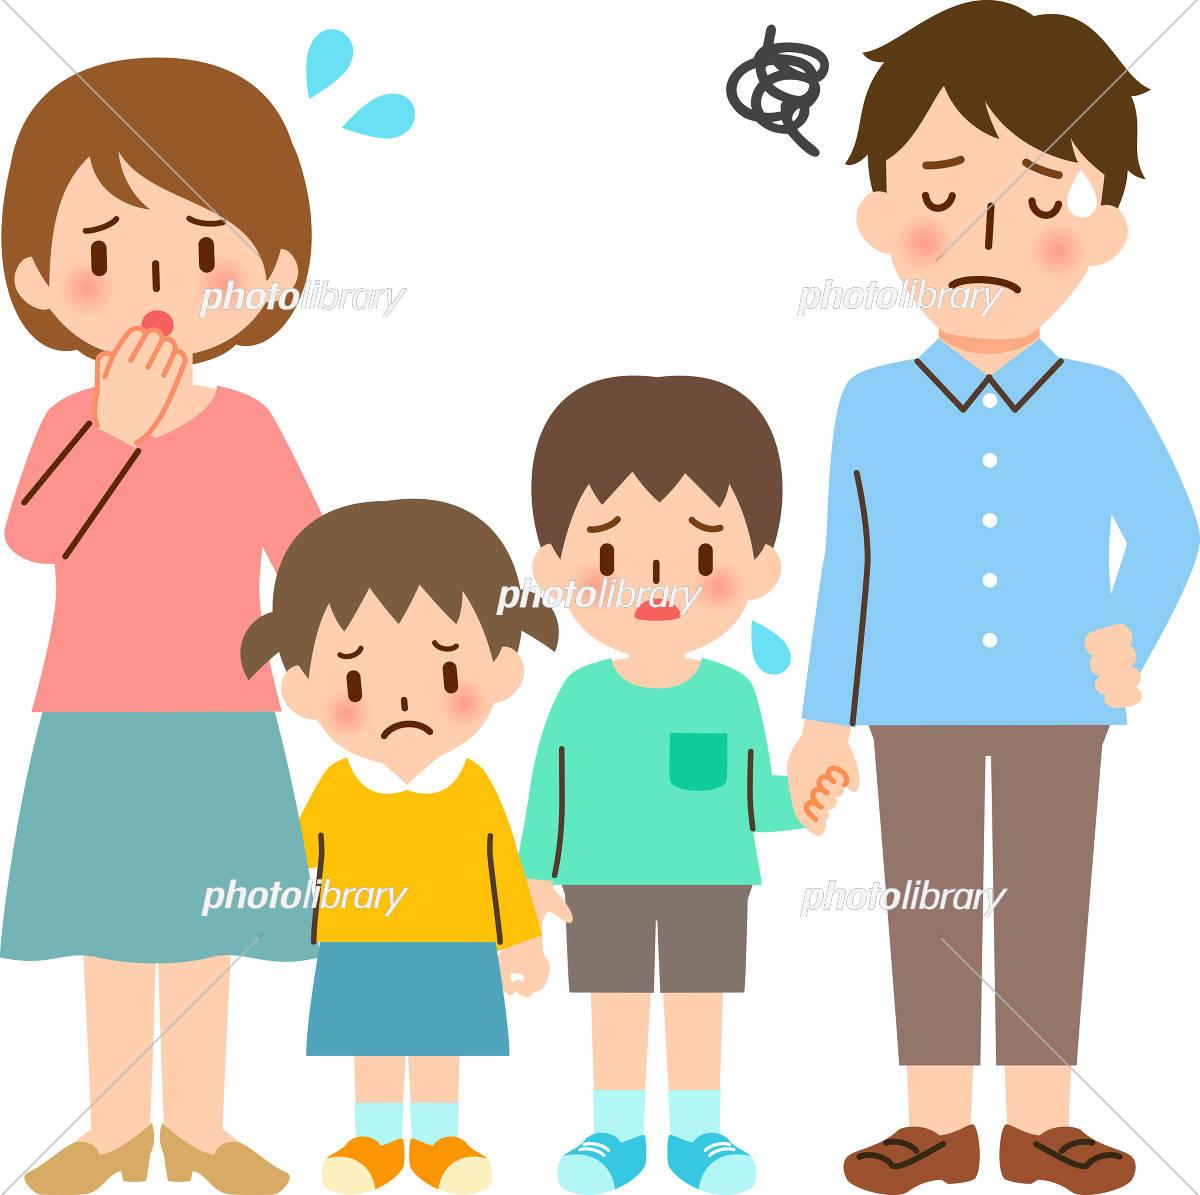 困った表情の若い4人家族 イラスト素材 5632659 フォトライブ